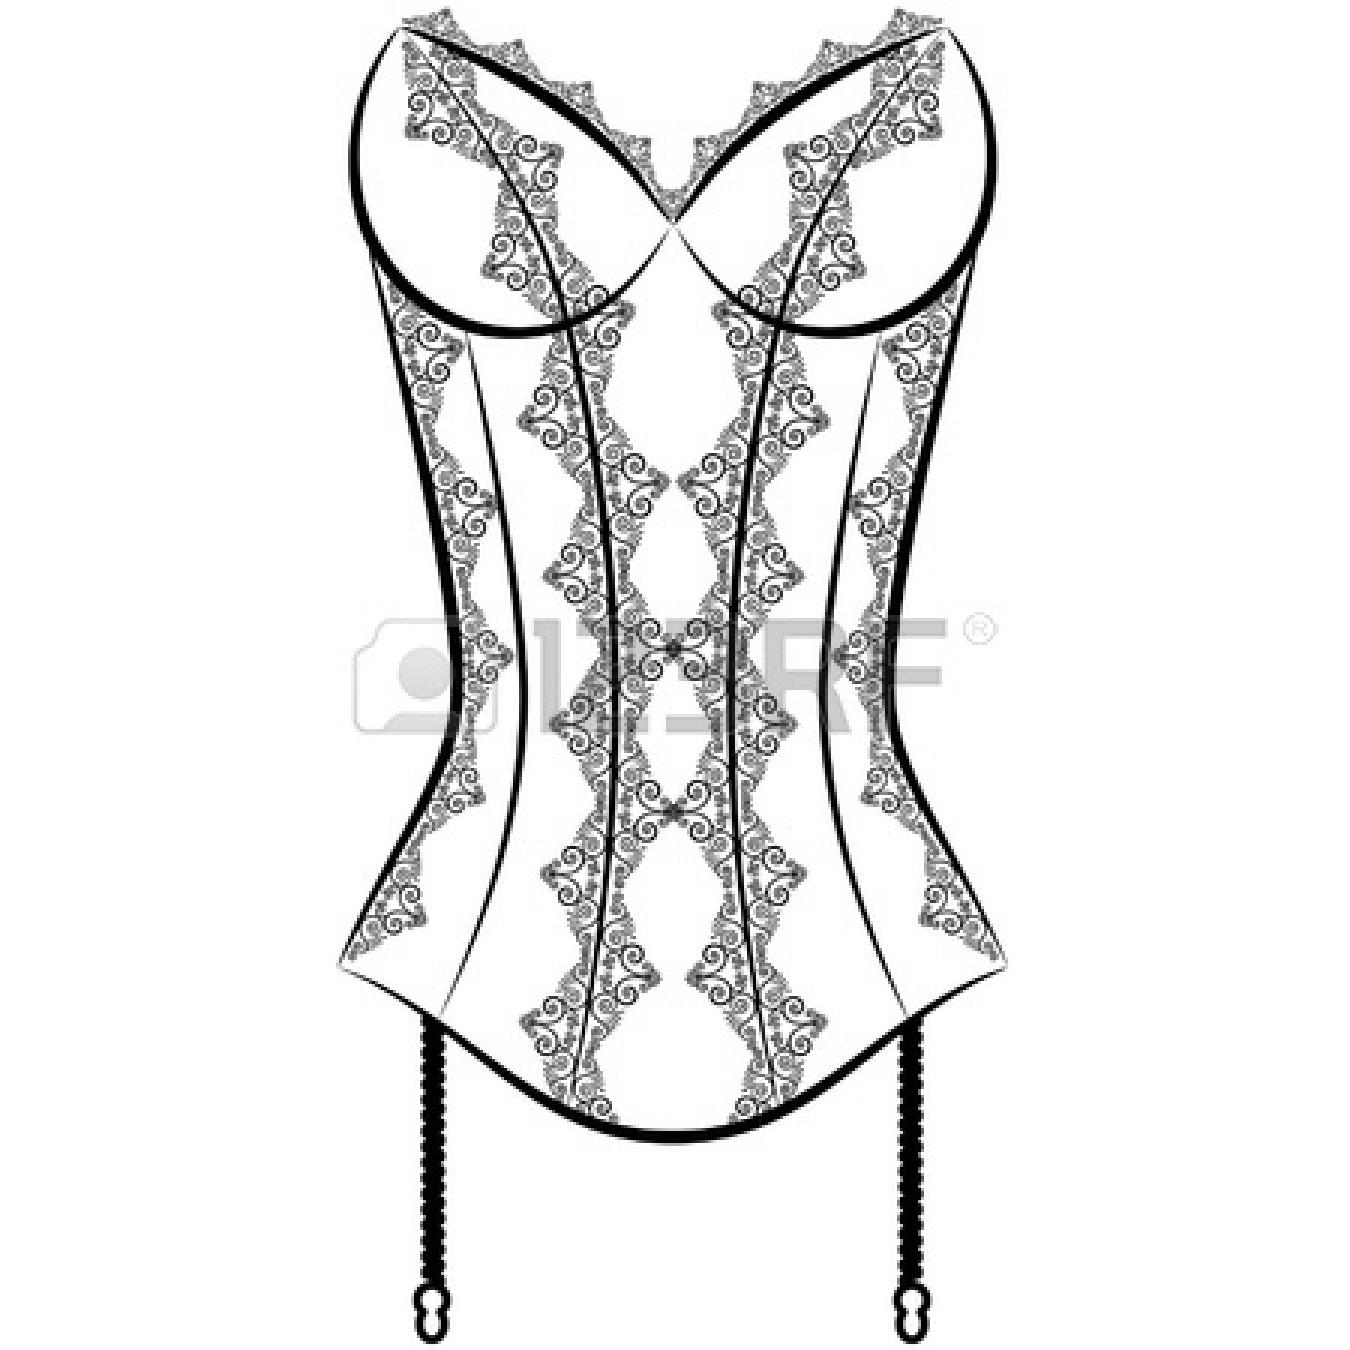 Black and white clipart corset picture Corset Clipart | Free download best Corset Clipart on ClipArtMag.com picture